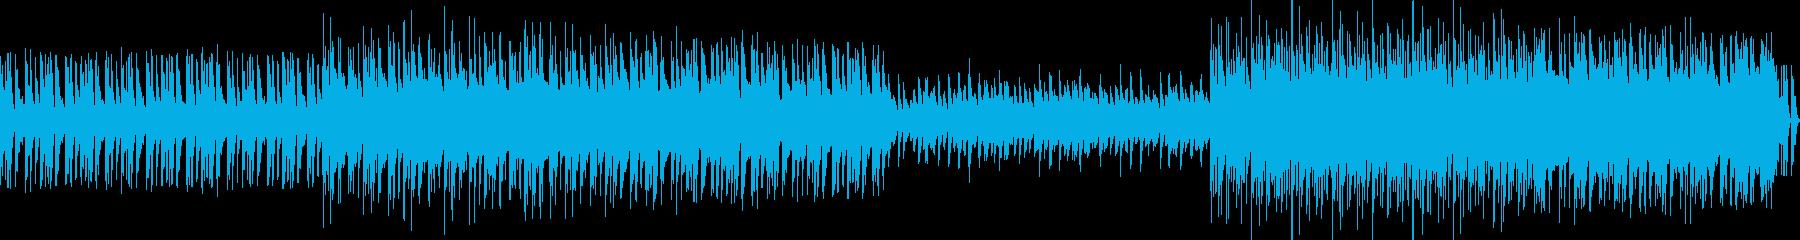 トリップの再生済みの波形